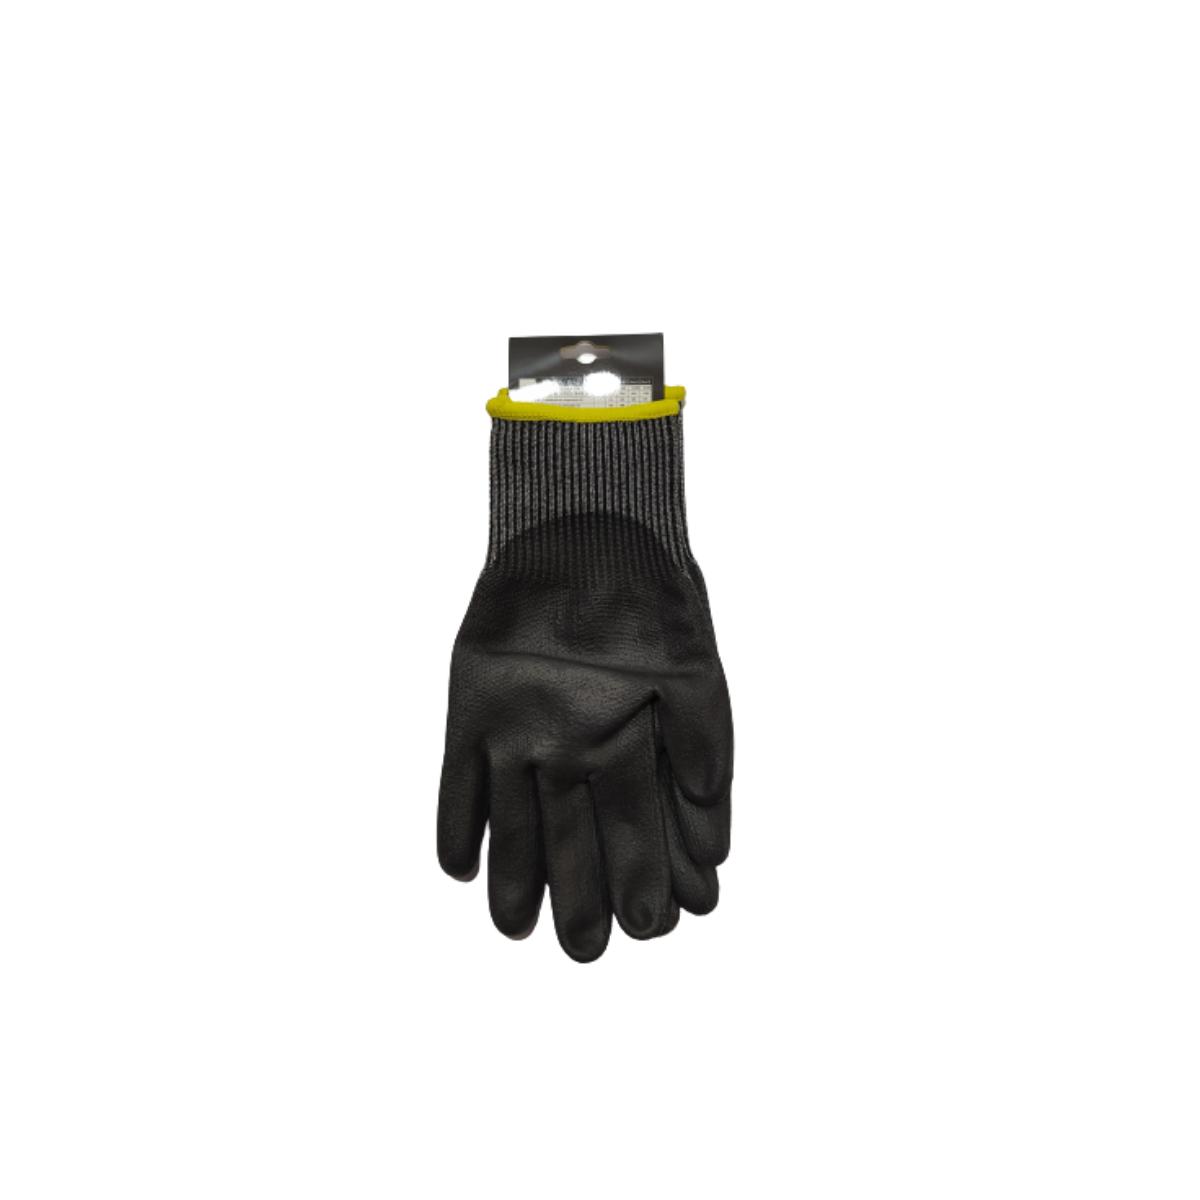 Luvas de proteção (43016)